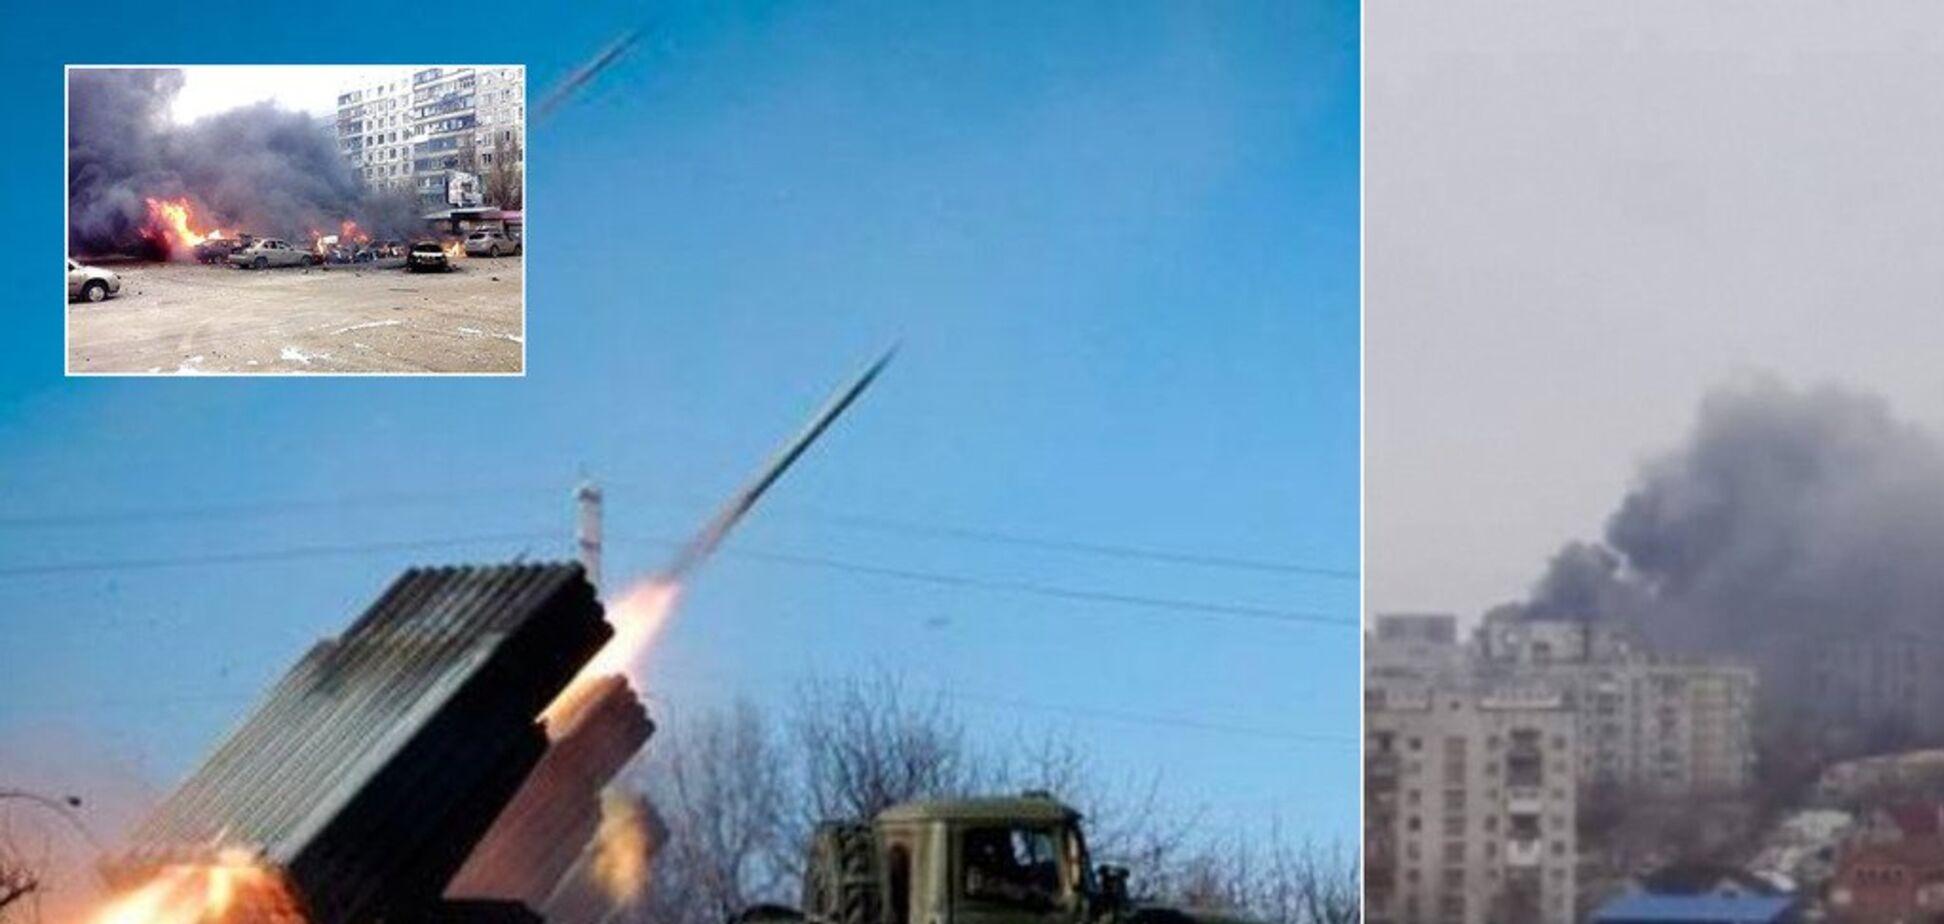 Обстріл Маріуполя: п'ять років тому прогримів найстрашніший теракт в Україні